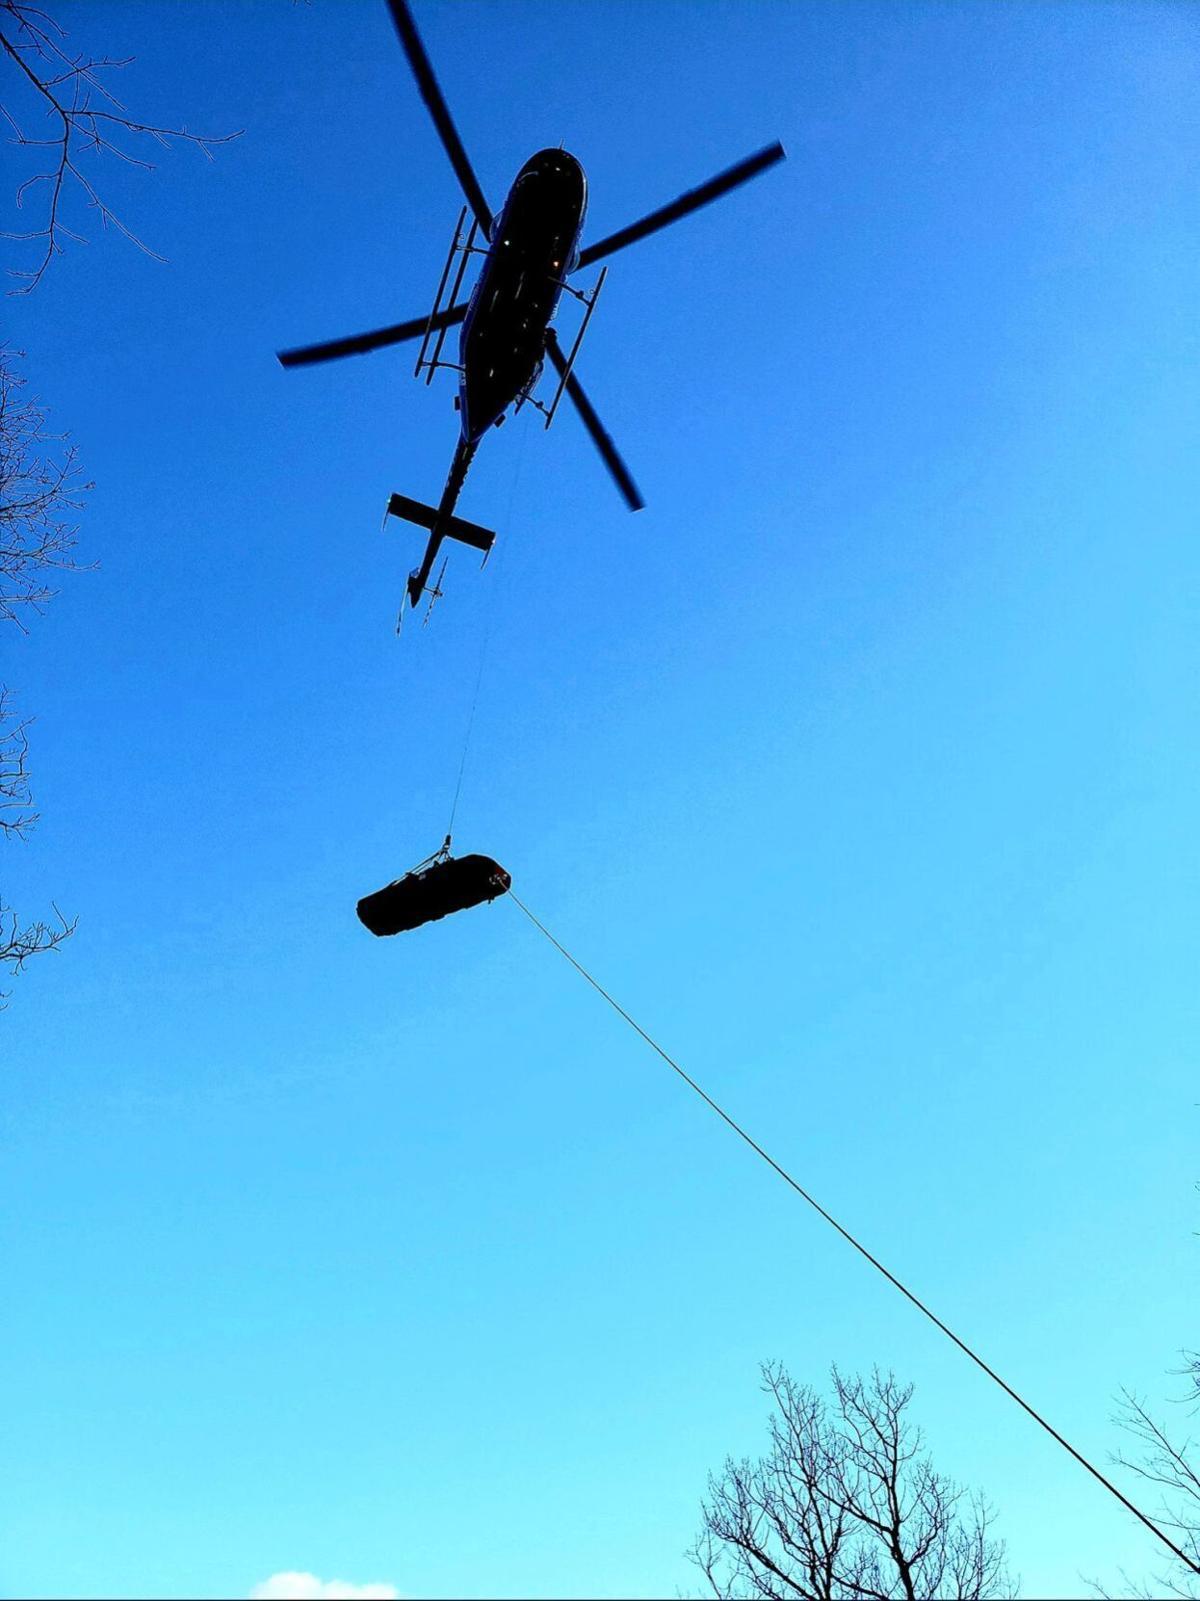 Virginia Division 3 Technical Rescue Team